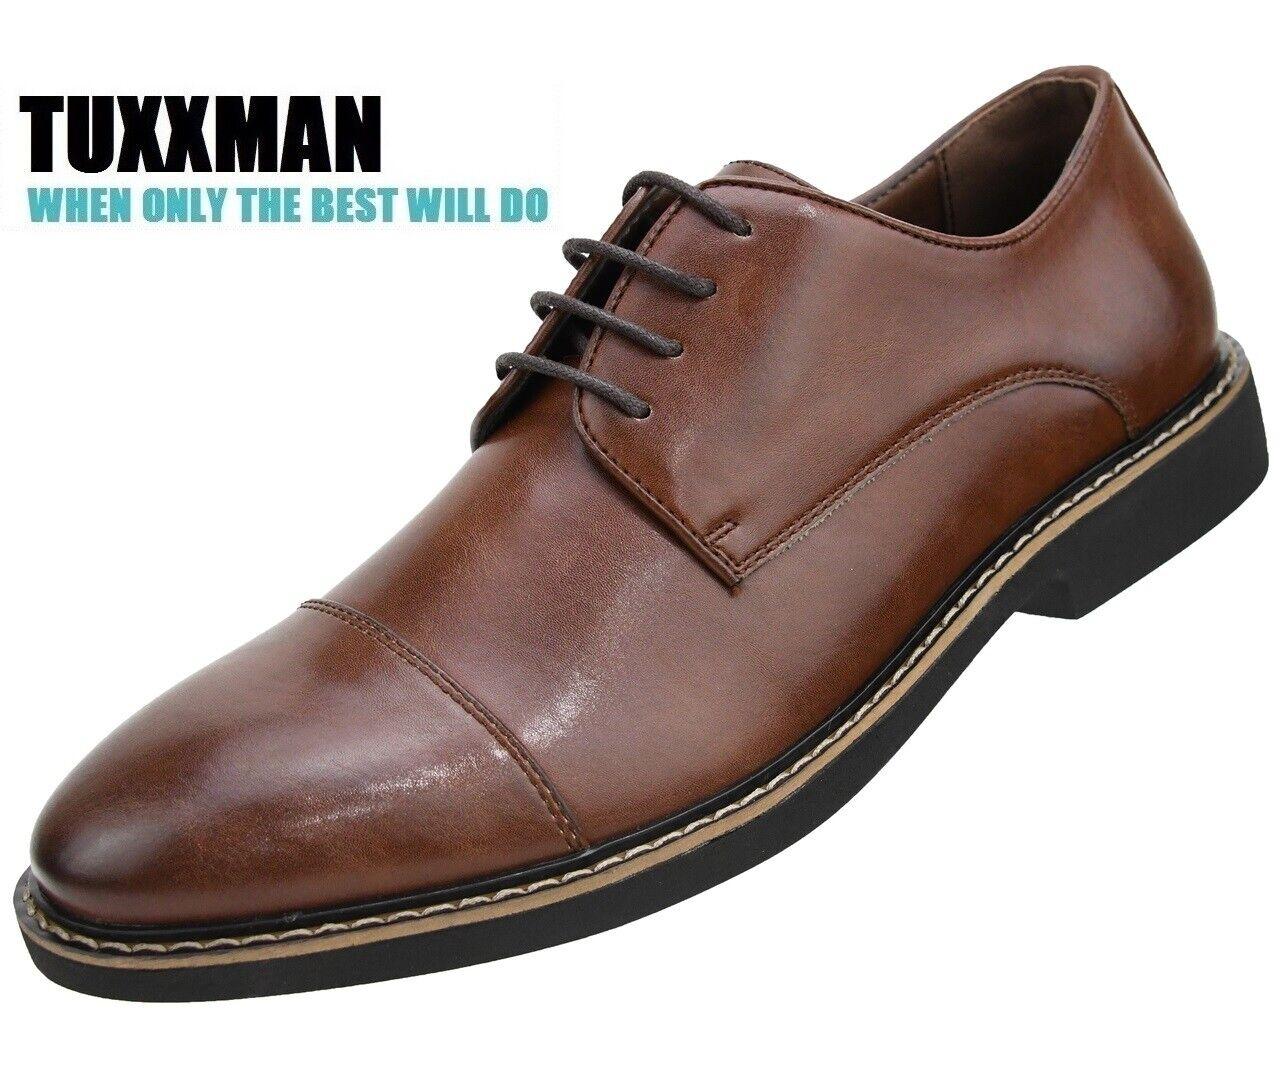 Men's Brown Cap Toe Oxford Lace up Memory Foam Dress Shoes T